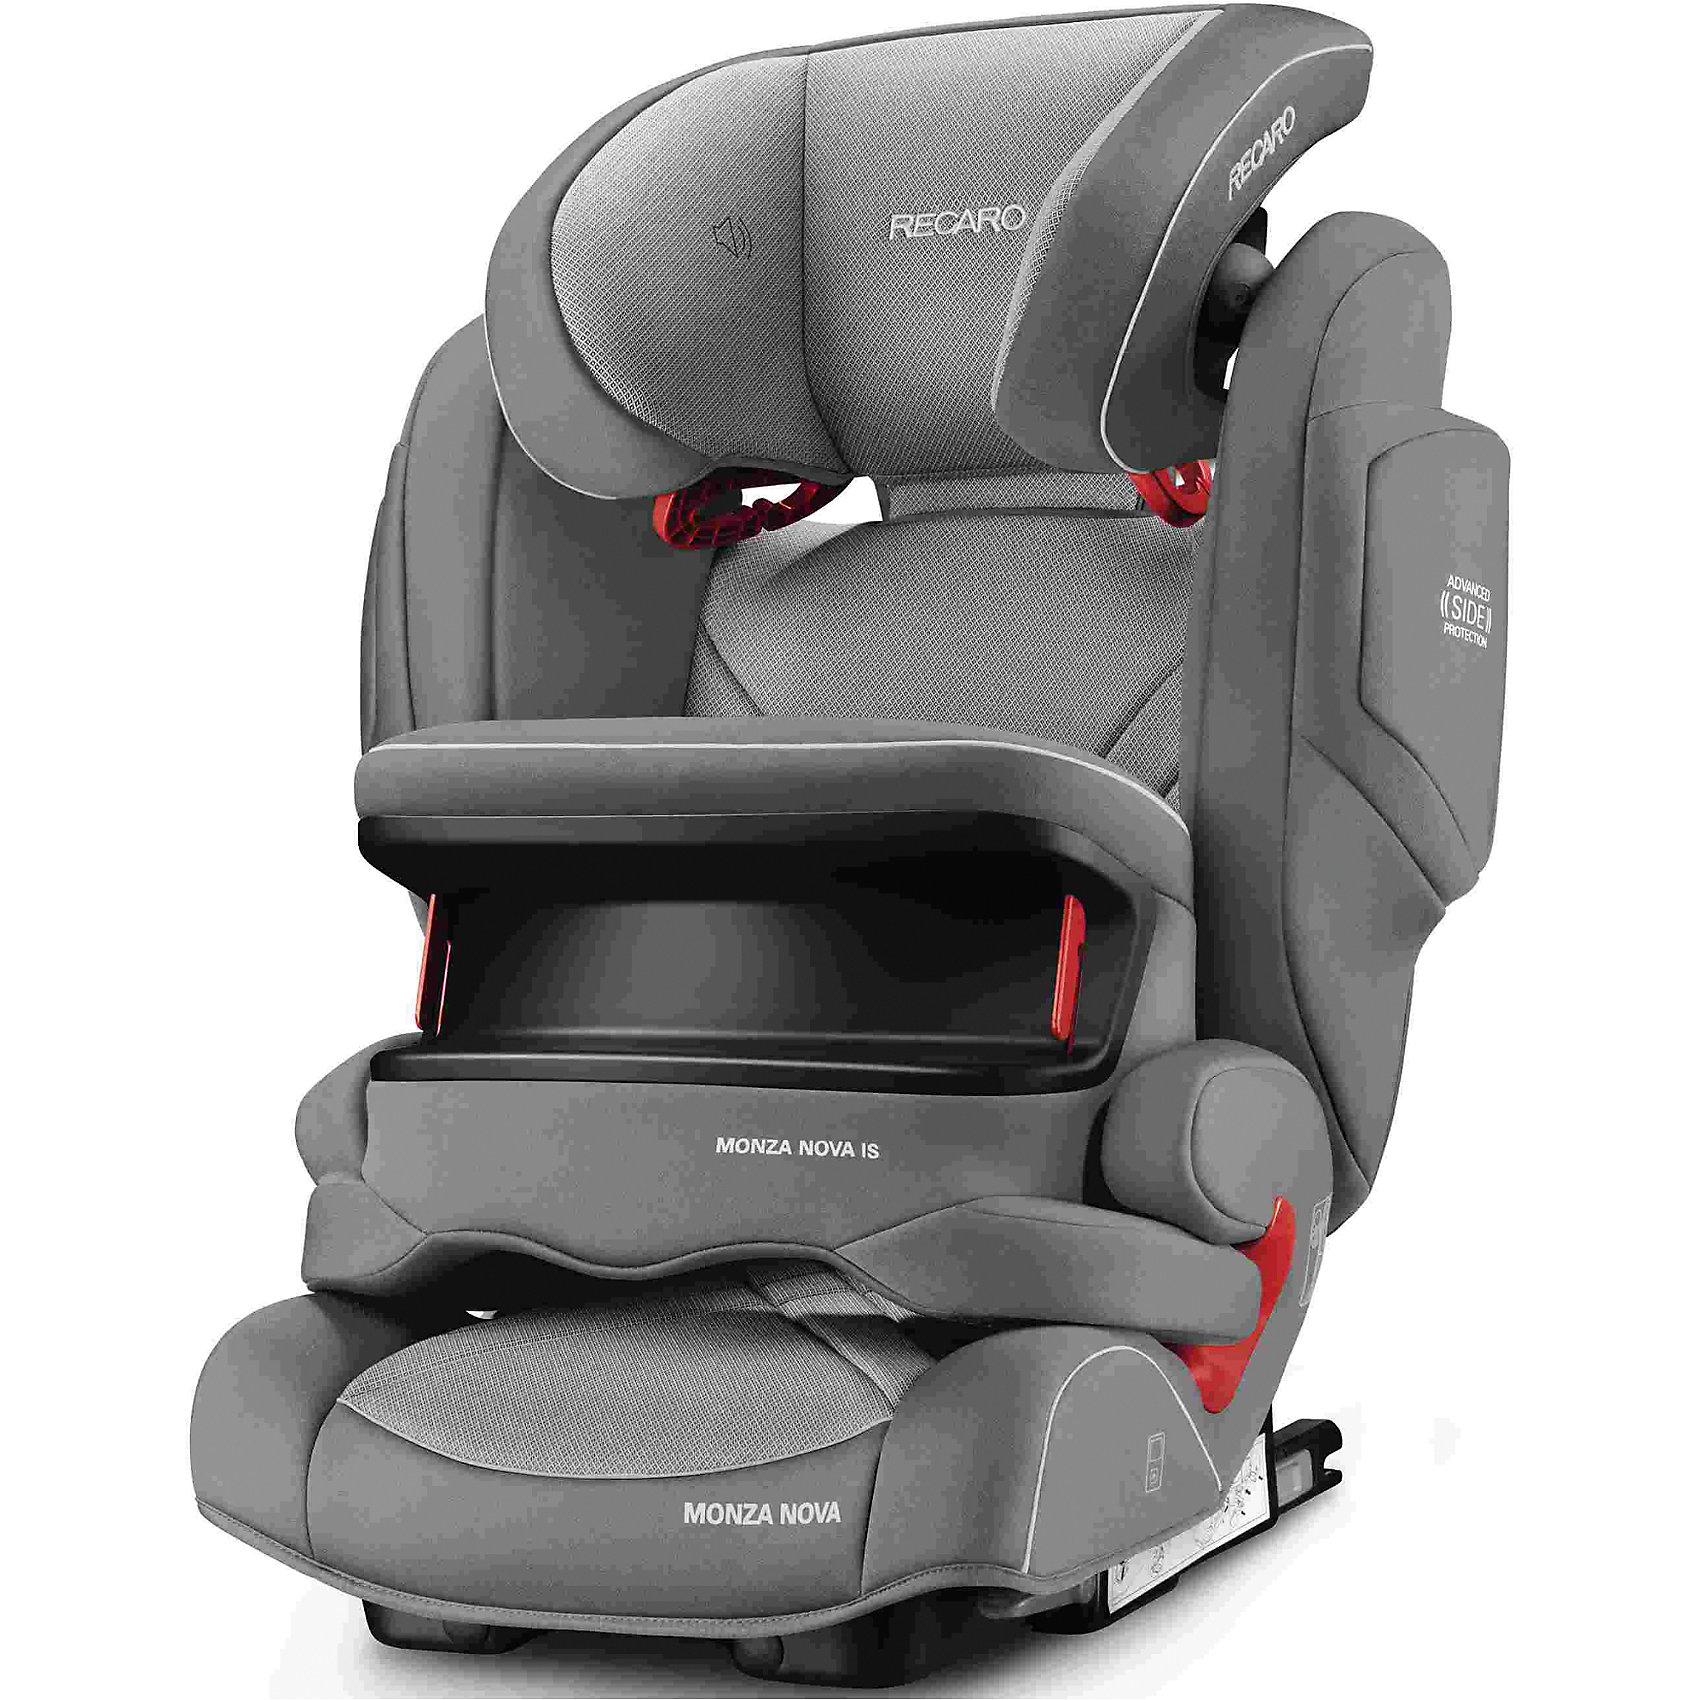 Автокресло RECARO Monza Nova IS Seatfix 9-36 кг, Alluminum GreyГруппа 1-2-3 (От 9 до 36 кг)<br>Характеристики:<br><br>• группа: 1/2/3;<br>• вес ребенка: 9-36 кг;<br>• возраст ребенка: от 9 месяцев до 12 лет;<br>• способ крепления: IsoFix или штатными ремнями безопасности автомобиля;<br>• способ установки: лицом по ходу движения автомобиля;<br>• регулируется высота подголовника: 11 положений;<br>• имеется ростомер;<br>• регулируется глубина подголовника;<br>• перед ребенком находится специальный жесткий столик, который обеспечивает максимальную защиту ребенка от ударов при столкновении и резком торможении;<br>• угол наклона спинки подгоняется под угол сиденья автомобиля, слегка откидывается назад;<br>• имеются подлокотники, высота не меняется;<br>• сетчатый кармашек на боковой стороне автокресла;<br>• под сиденьем автокресла имеются пластиковые опорные элементы;<br>• в боковинках автокресла находятся встроенные динамики;<br>• усиленная боковая защита, 12 см;<br>• материал: пластик, полиэстер;<br>• размеры автокресла: 48х55х74 см;<br>• вес: 8 кг.<br><br>Автокресло Monza Nova IS Seatfix будет сопровождать вас и вашего кроху вплоть до достижения ребенком возраста 12 лет. Автокресло укомплектовано дополнительными аксессуарами для наибольшей безопасности ребенка на каждом этапе его взросления. Когда вес малыша находится в пределах 9-18 кг, эргономичный защитный столик вместе с 3-х точечным ремнем безопасности автомобиля обеспечивают максимальную безопасность. Автокресло обязательно используется со столиком, пока кроха не достигнет определенного роста и веса (95 см/18 кг).<br><br>Автокресло устанавливается на заднем сидении автомобиля с помощью системы Изофикс. Выдвижные крепления кресла совмещаются с системой Изофикс в автомобиле.<br>Обивка автокресла выполнена из дышащего материала, который не впитывает посторонние запахи. Автокресло оснащено вентиляционными отверстиями для циркуляции воздуха и регуляции теплообмена. Чехлы автокресла съемные, допускается стирка при темпе